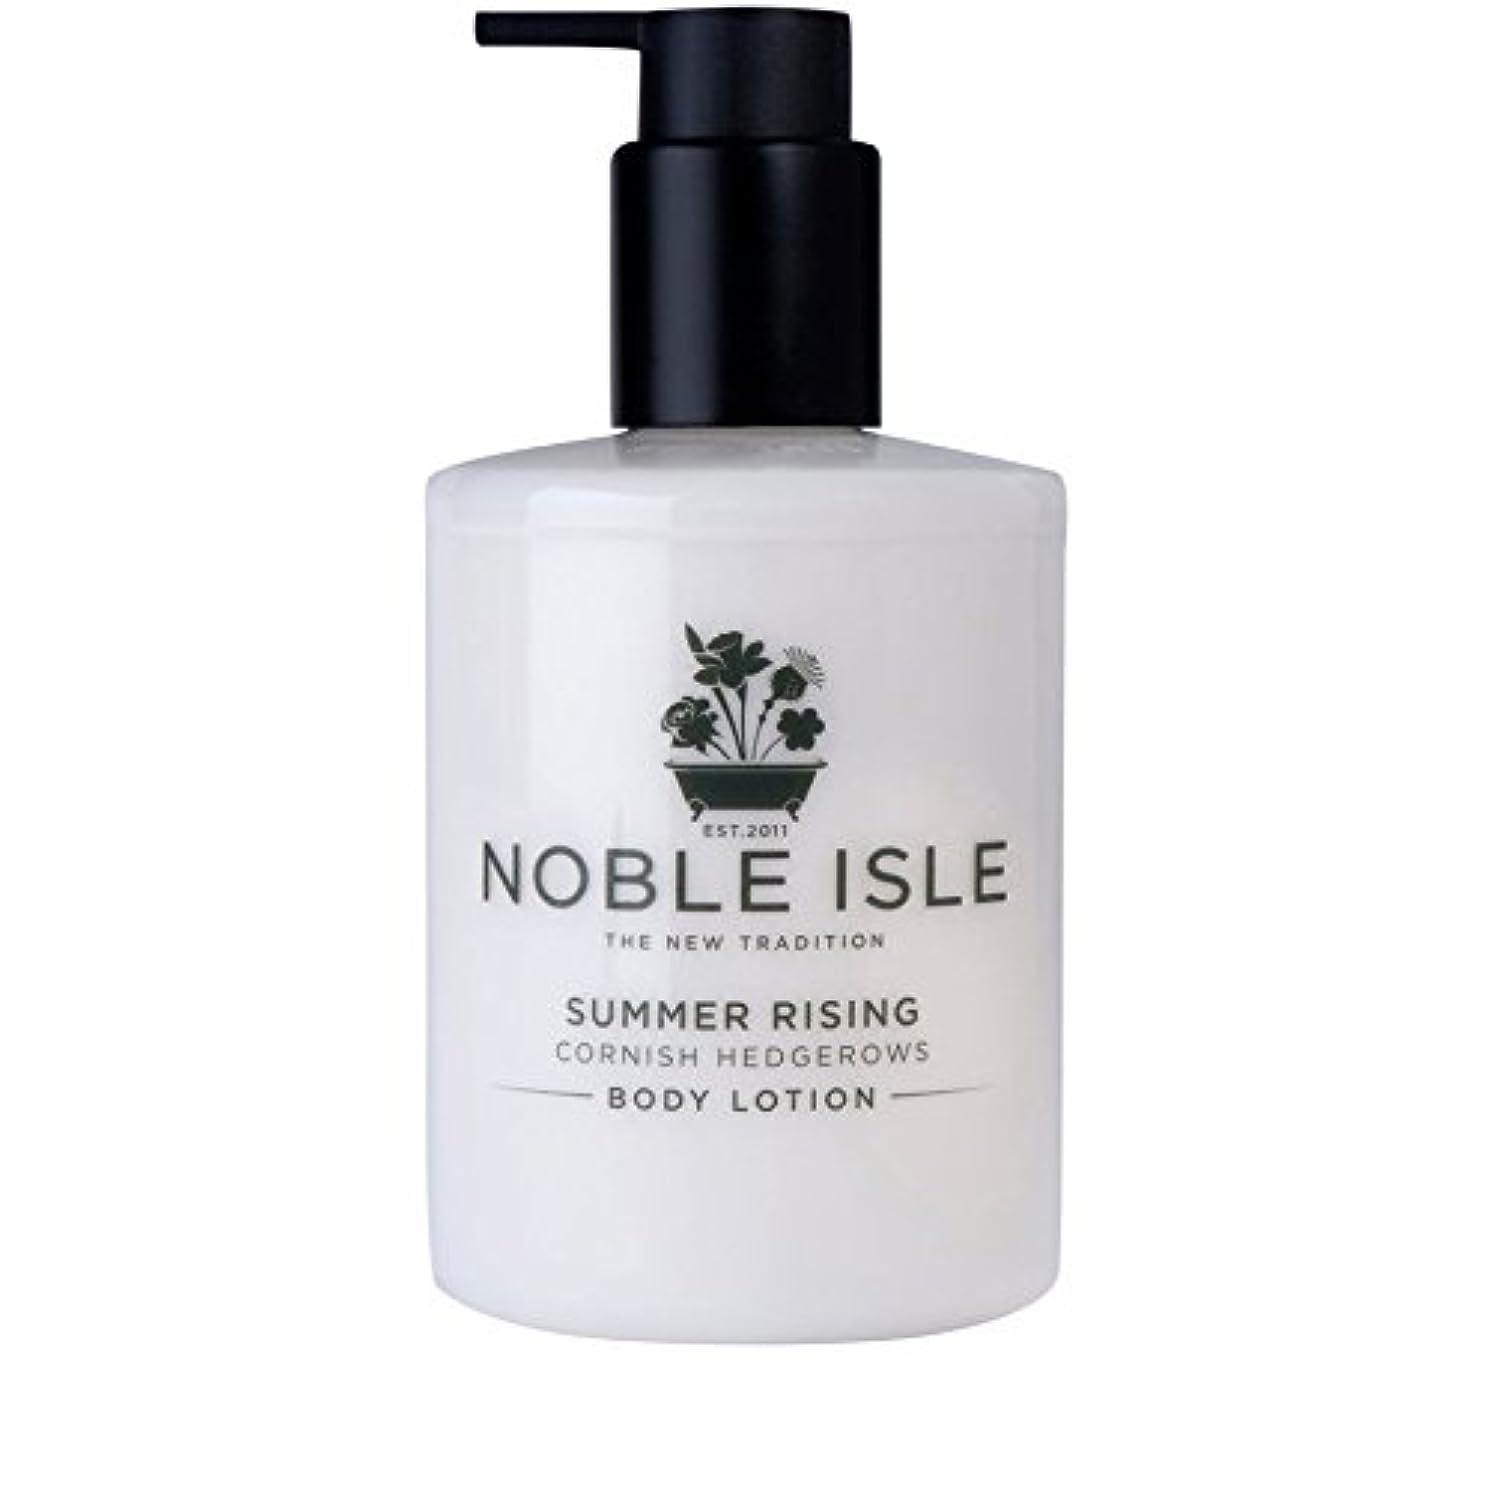 思春期ドレイン極小Noble Isle Summer Rising Cornish Hedgerows Body Lotion 250ml - コーニッシュ生け垣ボディローション250ミリリットルを上昇高貴な島の夏 [並行輸入品]